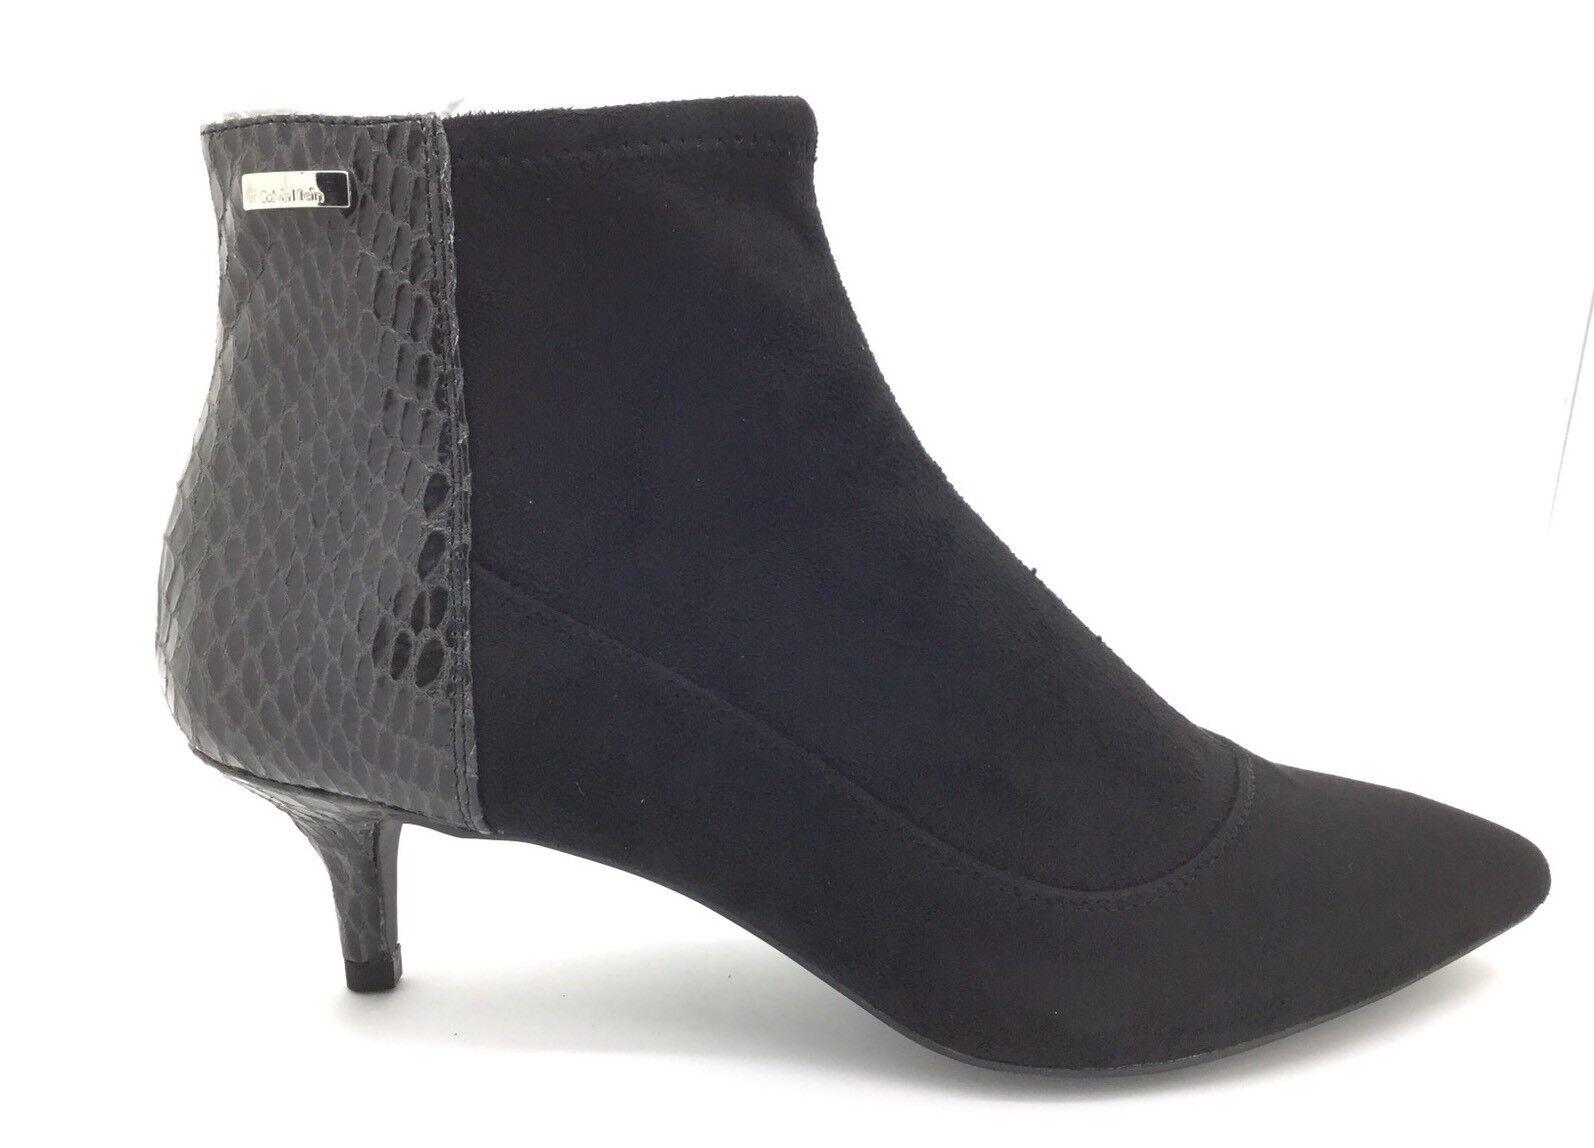 Zapatos de mujer baratos zapatos de mujer Calvin Klein Norma Stretch/Piel De Serpiente Tacón De Gamuza Delgada Negro